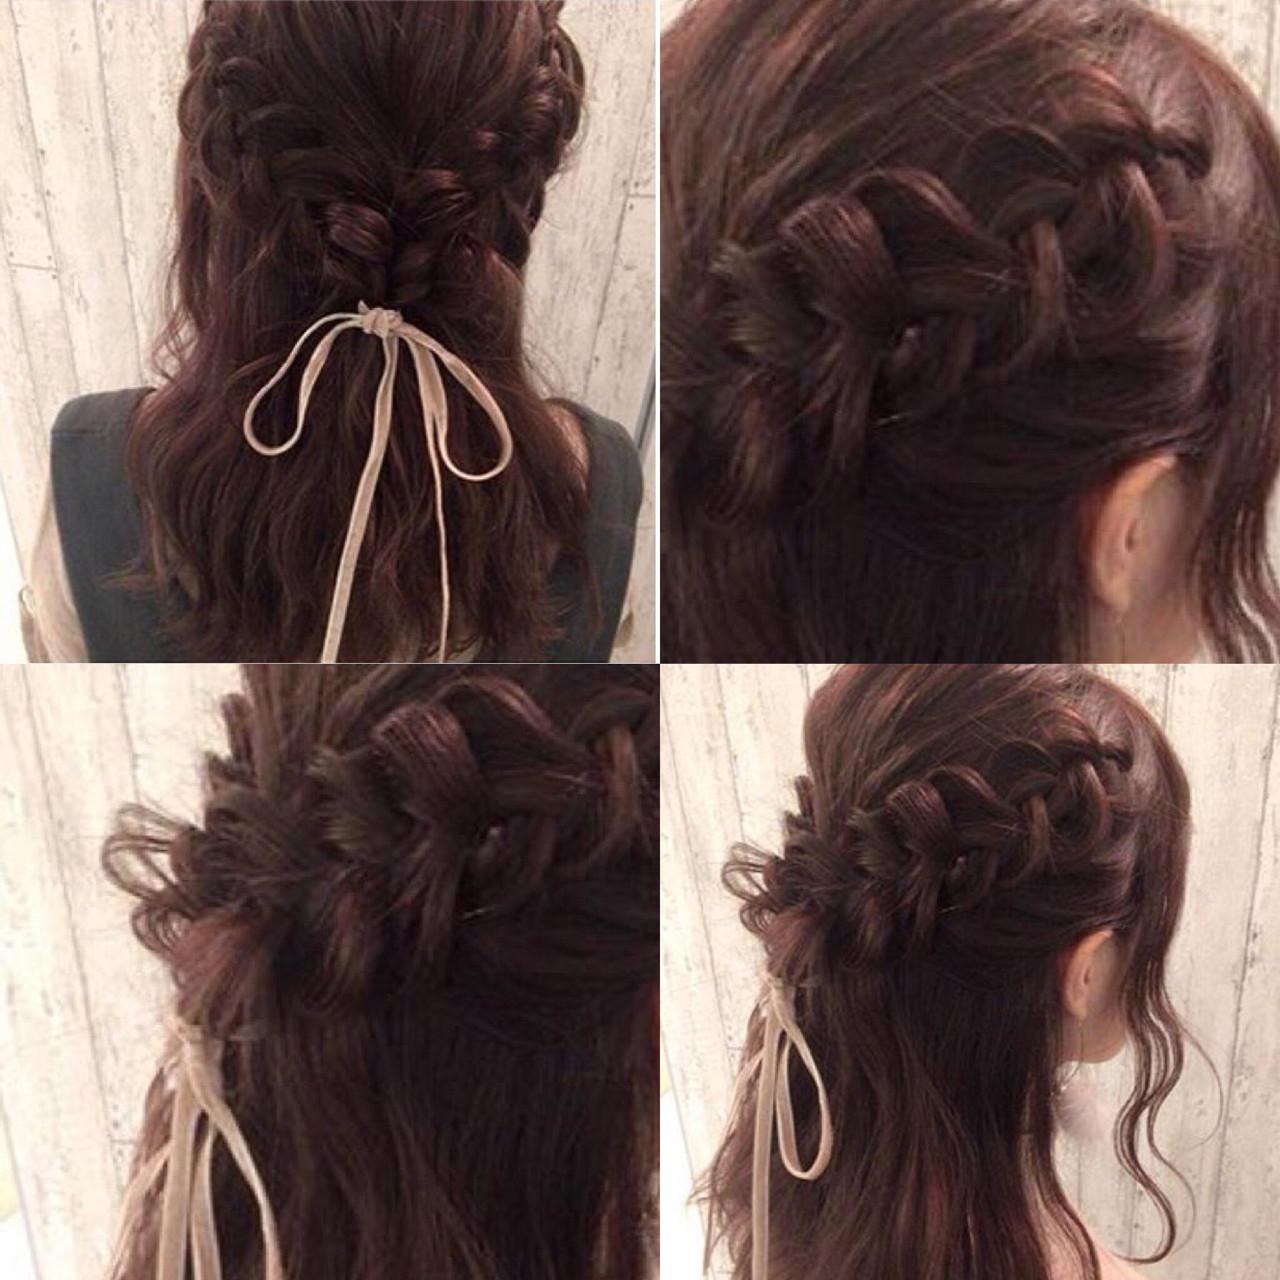 ガーリー ベリーピンク ロング 編み込み ヘアスタイルや髪型の写真・画像 | 寺師 由衣 / GLAMOROUS